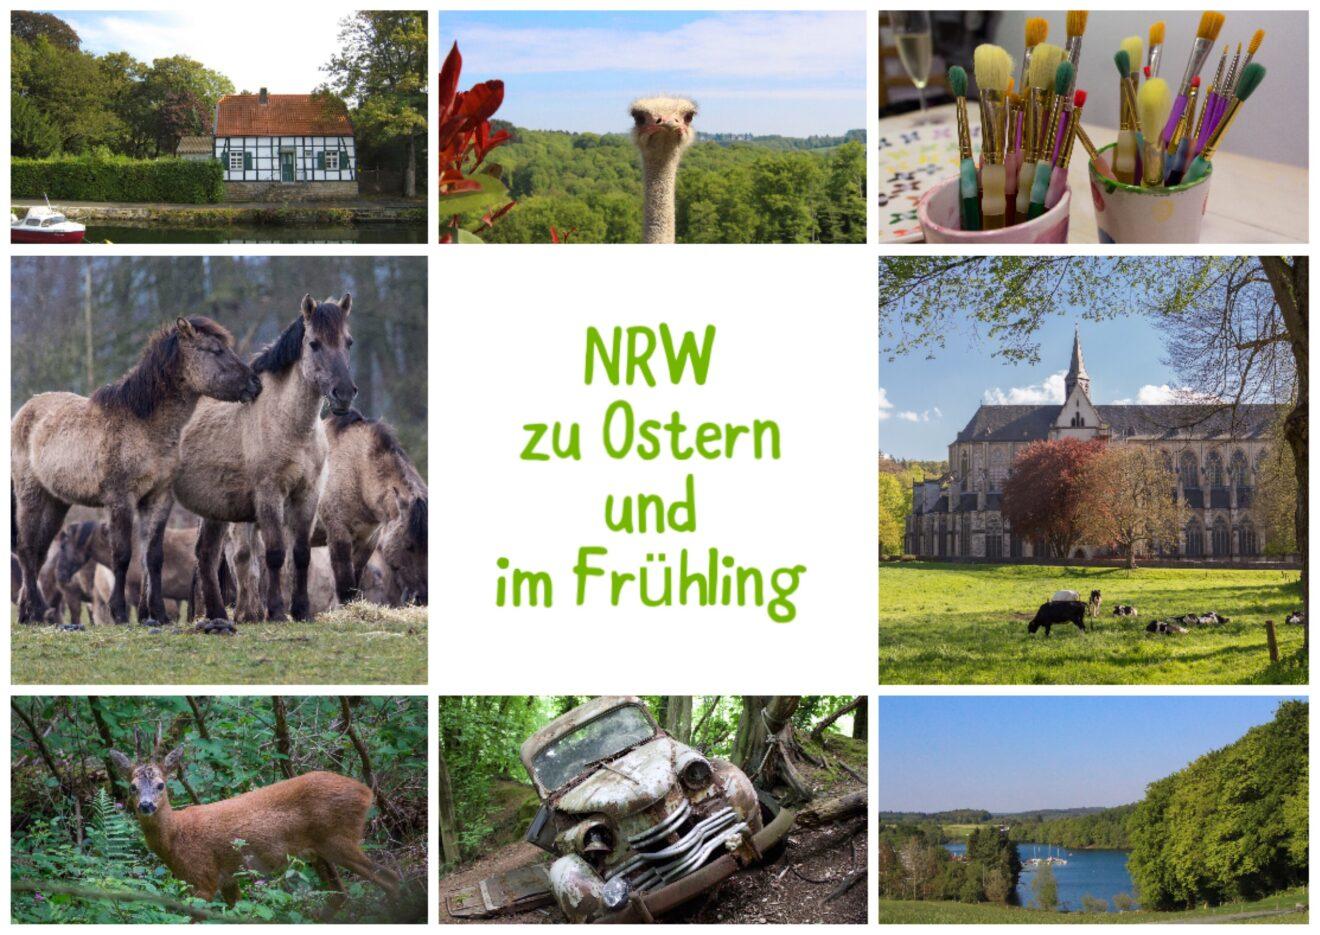 NRW zu Ostern und im Frühling: Kompakter Ausflugs-Guide!